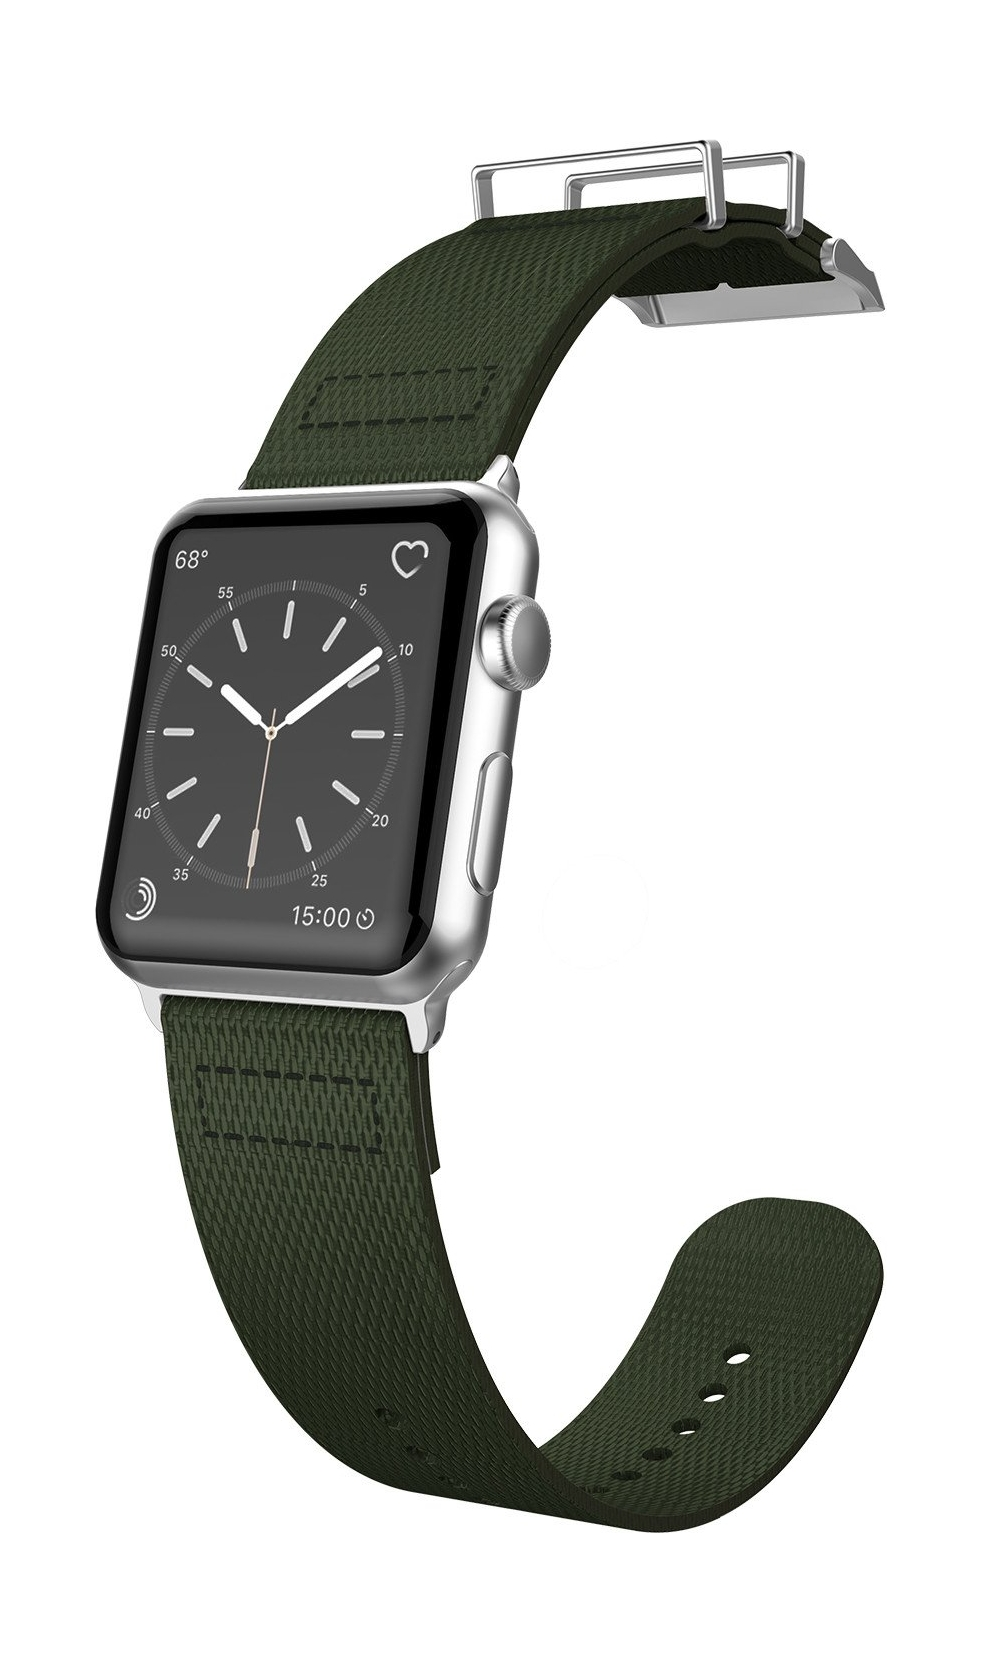 X-Doria Fieldband 42mm Apple Watch Strap | Xcite Kuwait